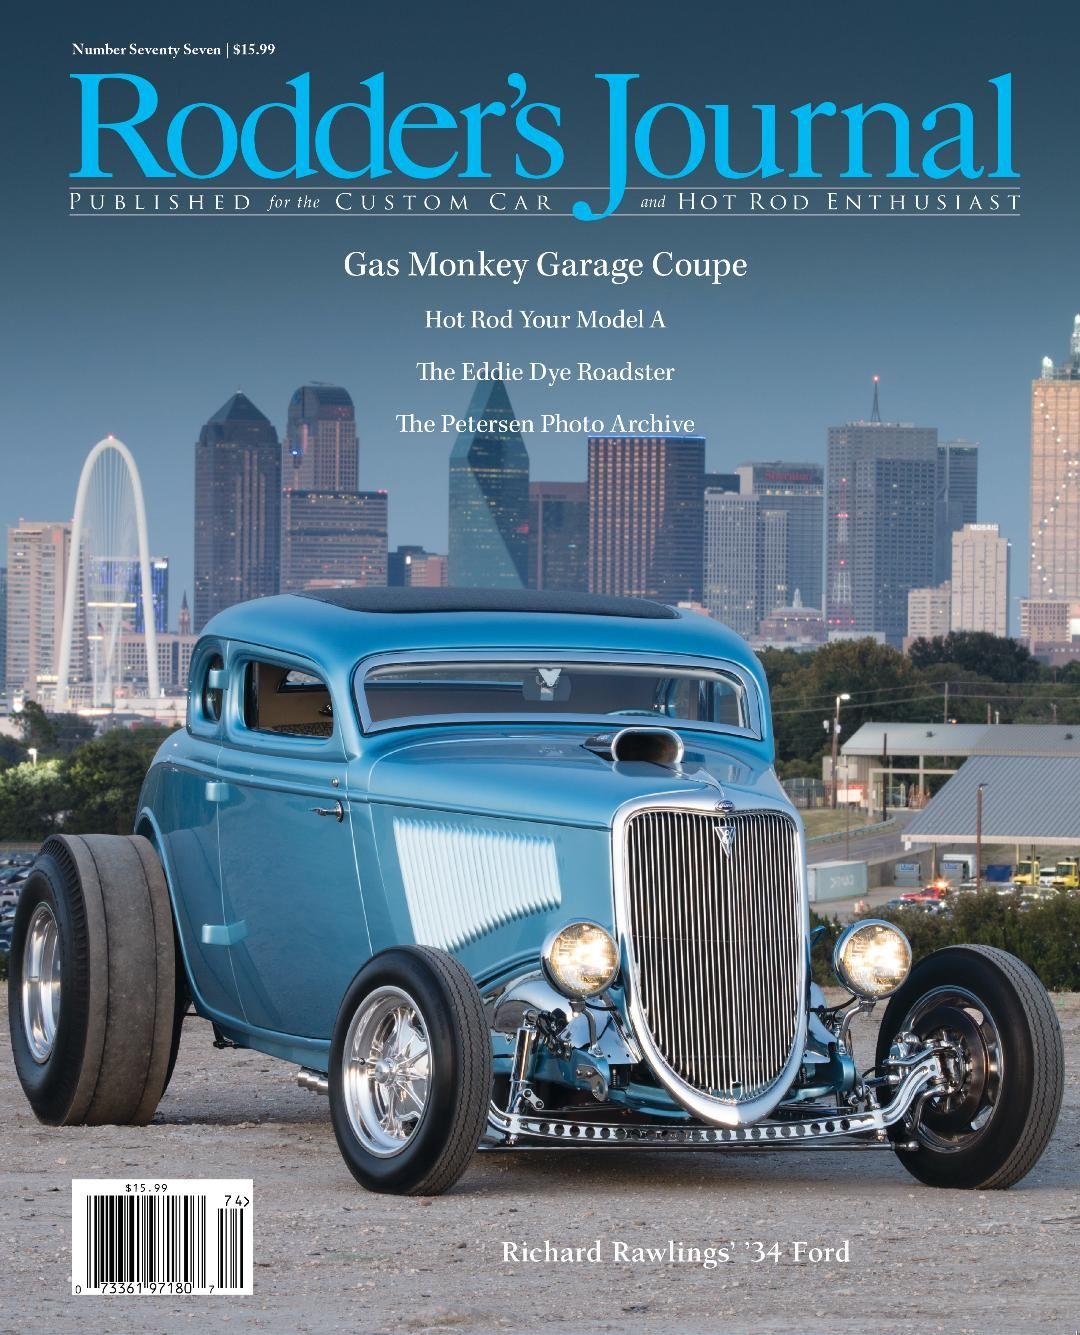 Rodder S Journal 77 The Rodder S Journal Richard Rawlings Hemi Powered 34 Ford Cover B Rodder Classic Cars Gas Monkey